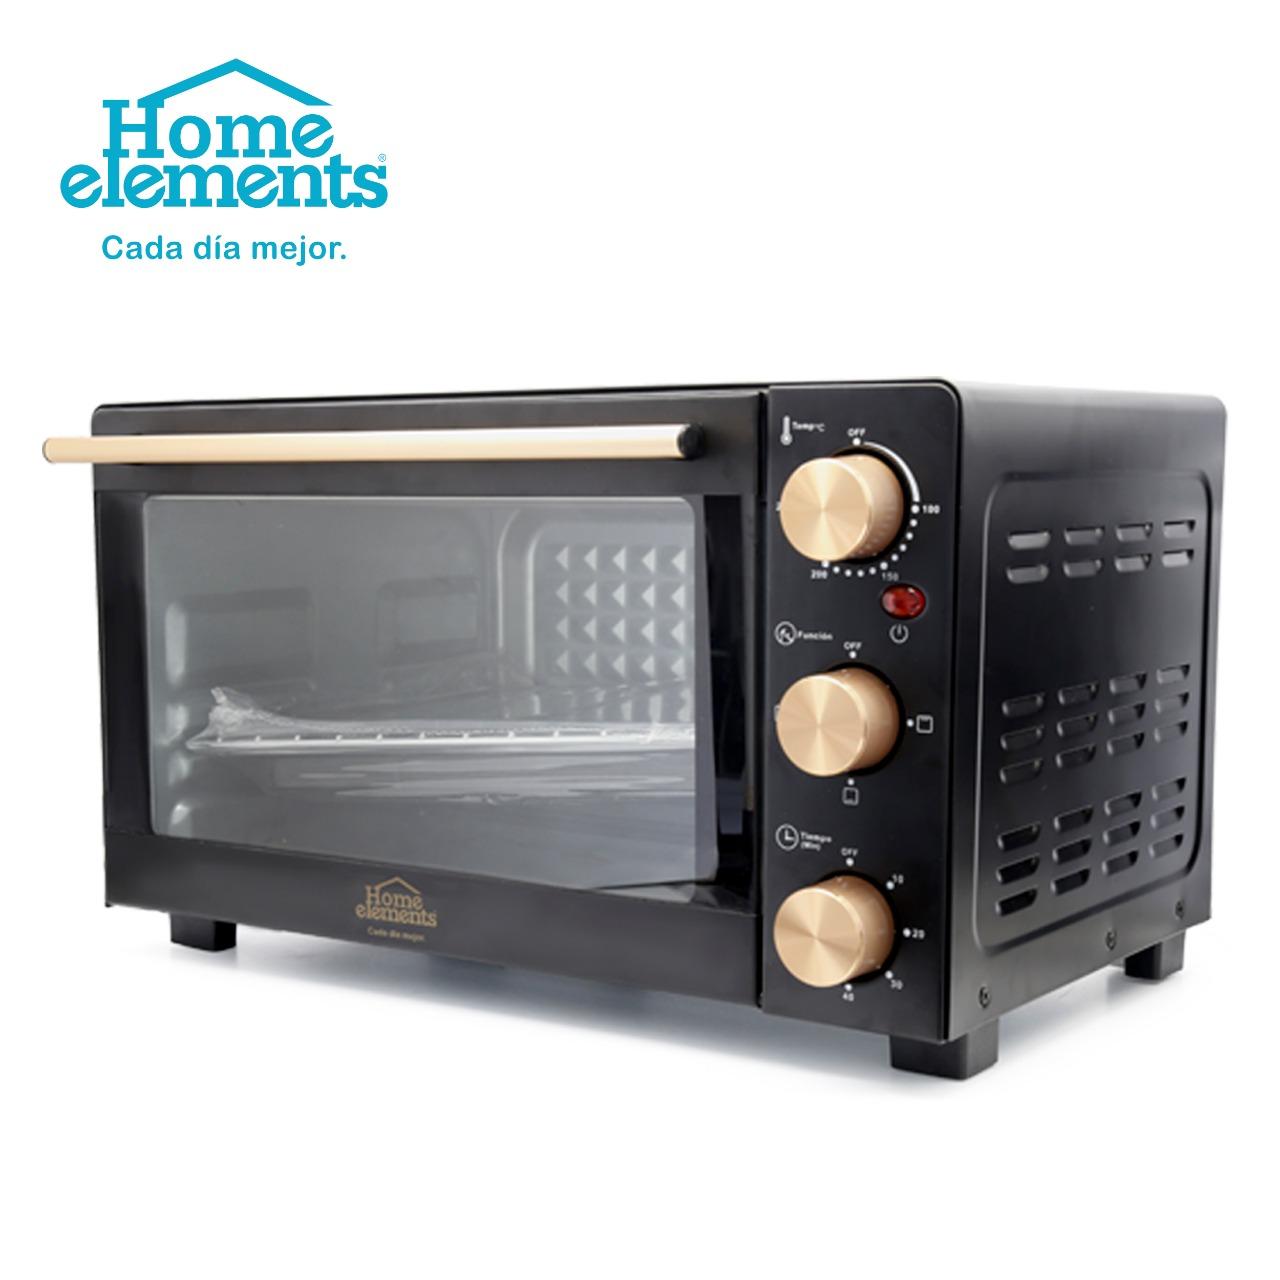 Horno Tostador Home Elements